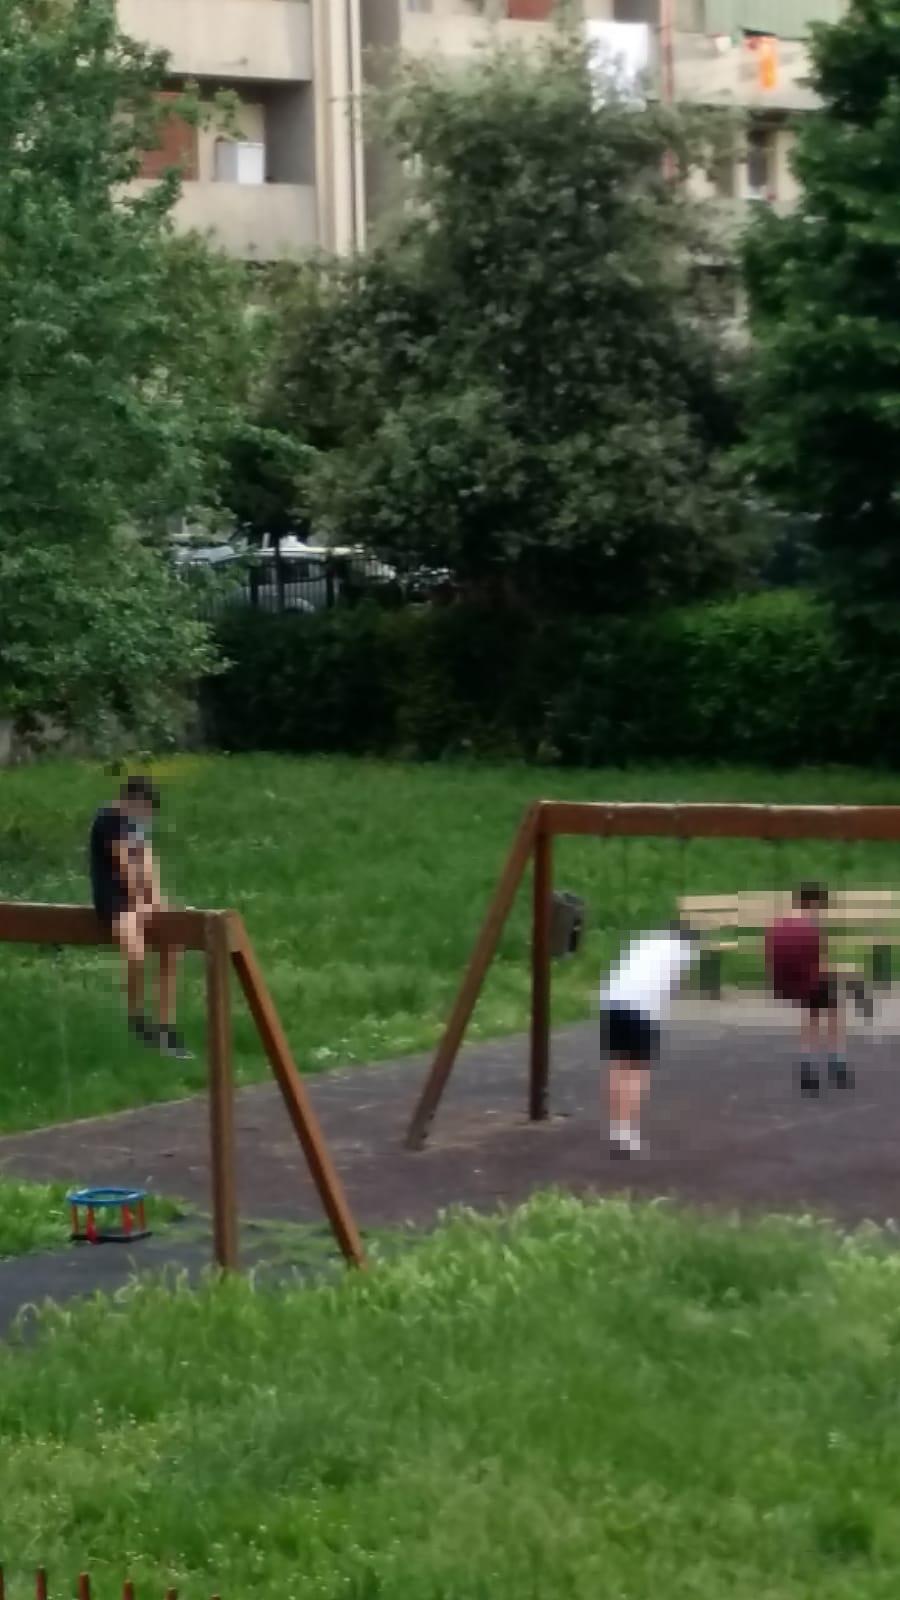 ancora il gruppetto di ragazzini che utilizza in maniera impropria le altalene, persino quelle riservate ai neonati.